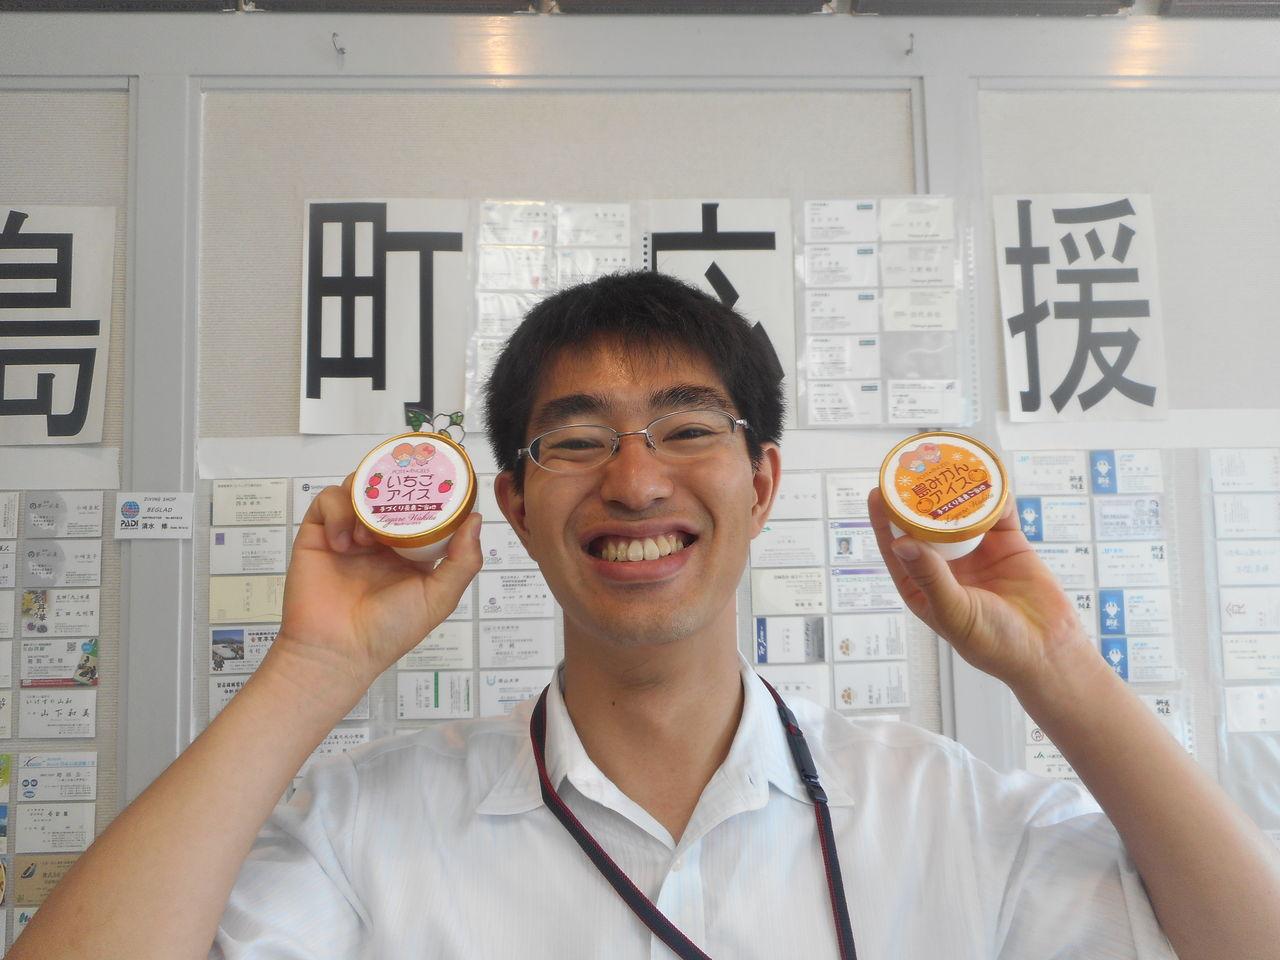 真夏の長島町。副町長室はアイスクリーム食べ放題。 : 井上 ...